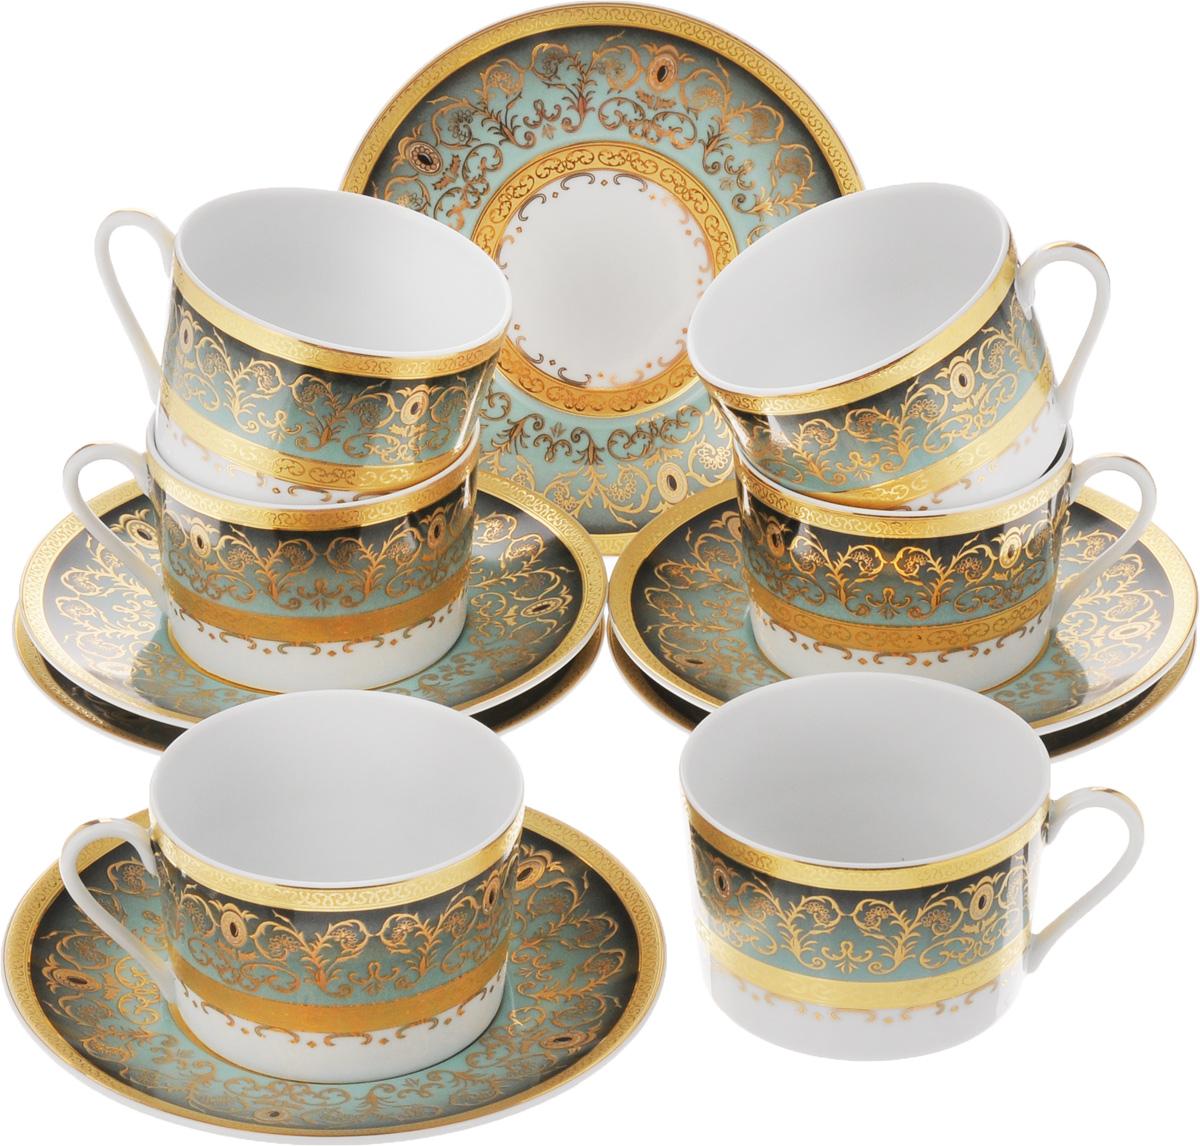 Набор чайный Yves De La Rosiere Mimosa, цвет: зеленый, золотистый, 12 предметов21395599Чайный набор Yves De La Rosiere Mimosa состоит из 6 чашек и 6 блюдец, изготовленных из высококачественного фарфора. Такой набор прекрасно дополнит сервировку стола к чаепитию, а также станет замечательным подарком для ваших друзей и близких. Объем чашки: 220 мл. Диаметр чашки по верхнему краю: 9 см. Высота чашки: 6 см. Диаметр блюдца: 16 см.Высота блюдца: 2 см.